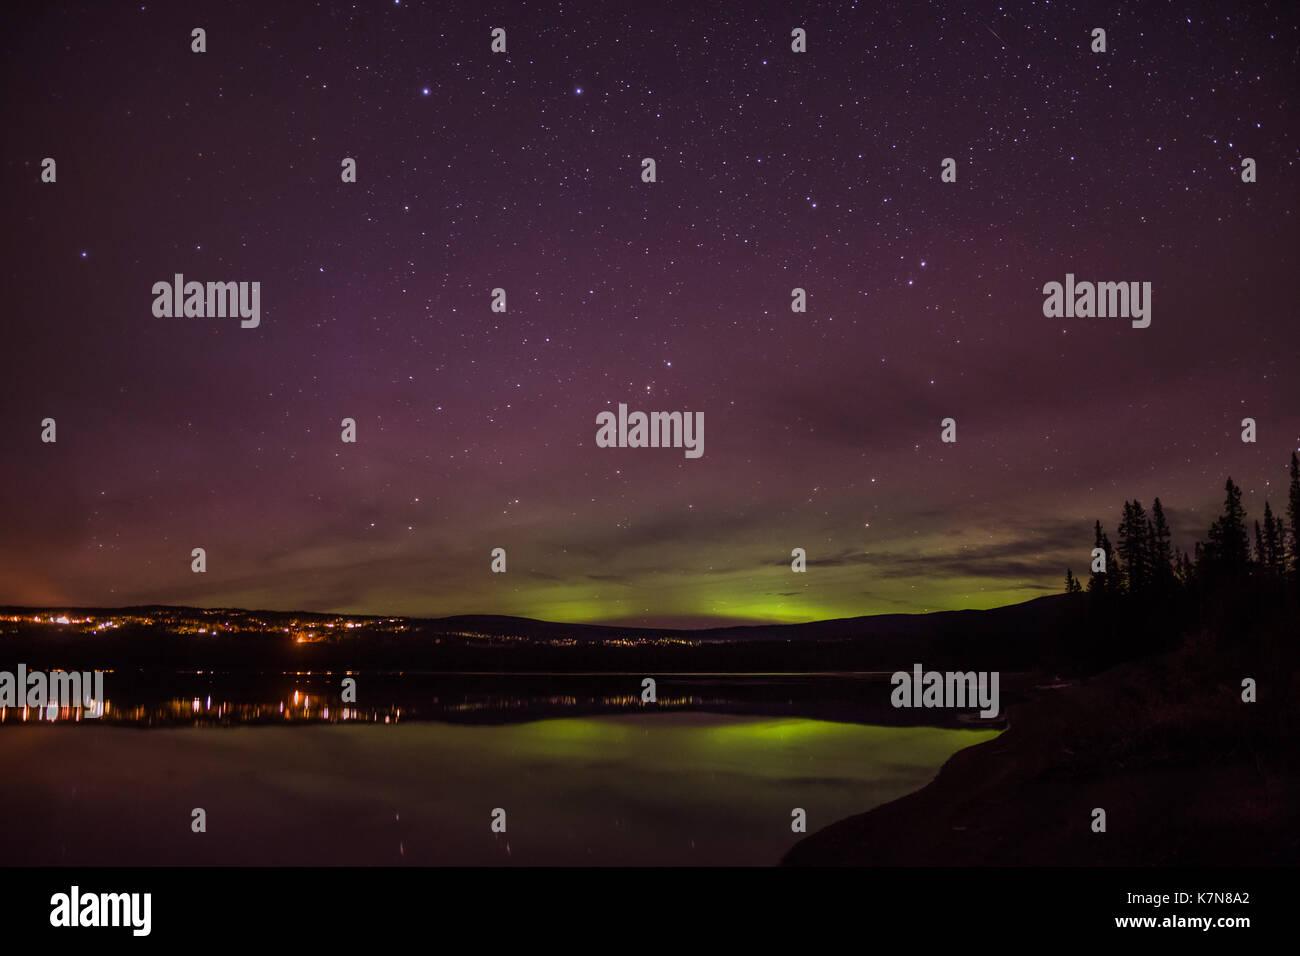 Aurora borealis Lichter tanzen über Ort und See Stockbild